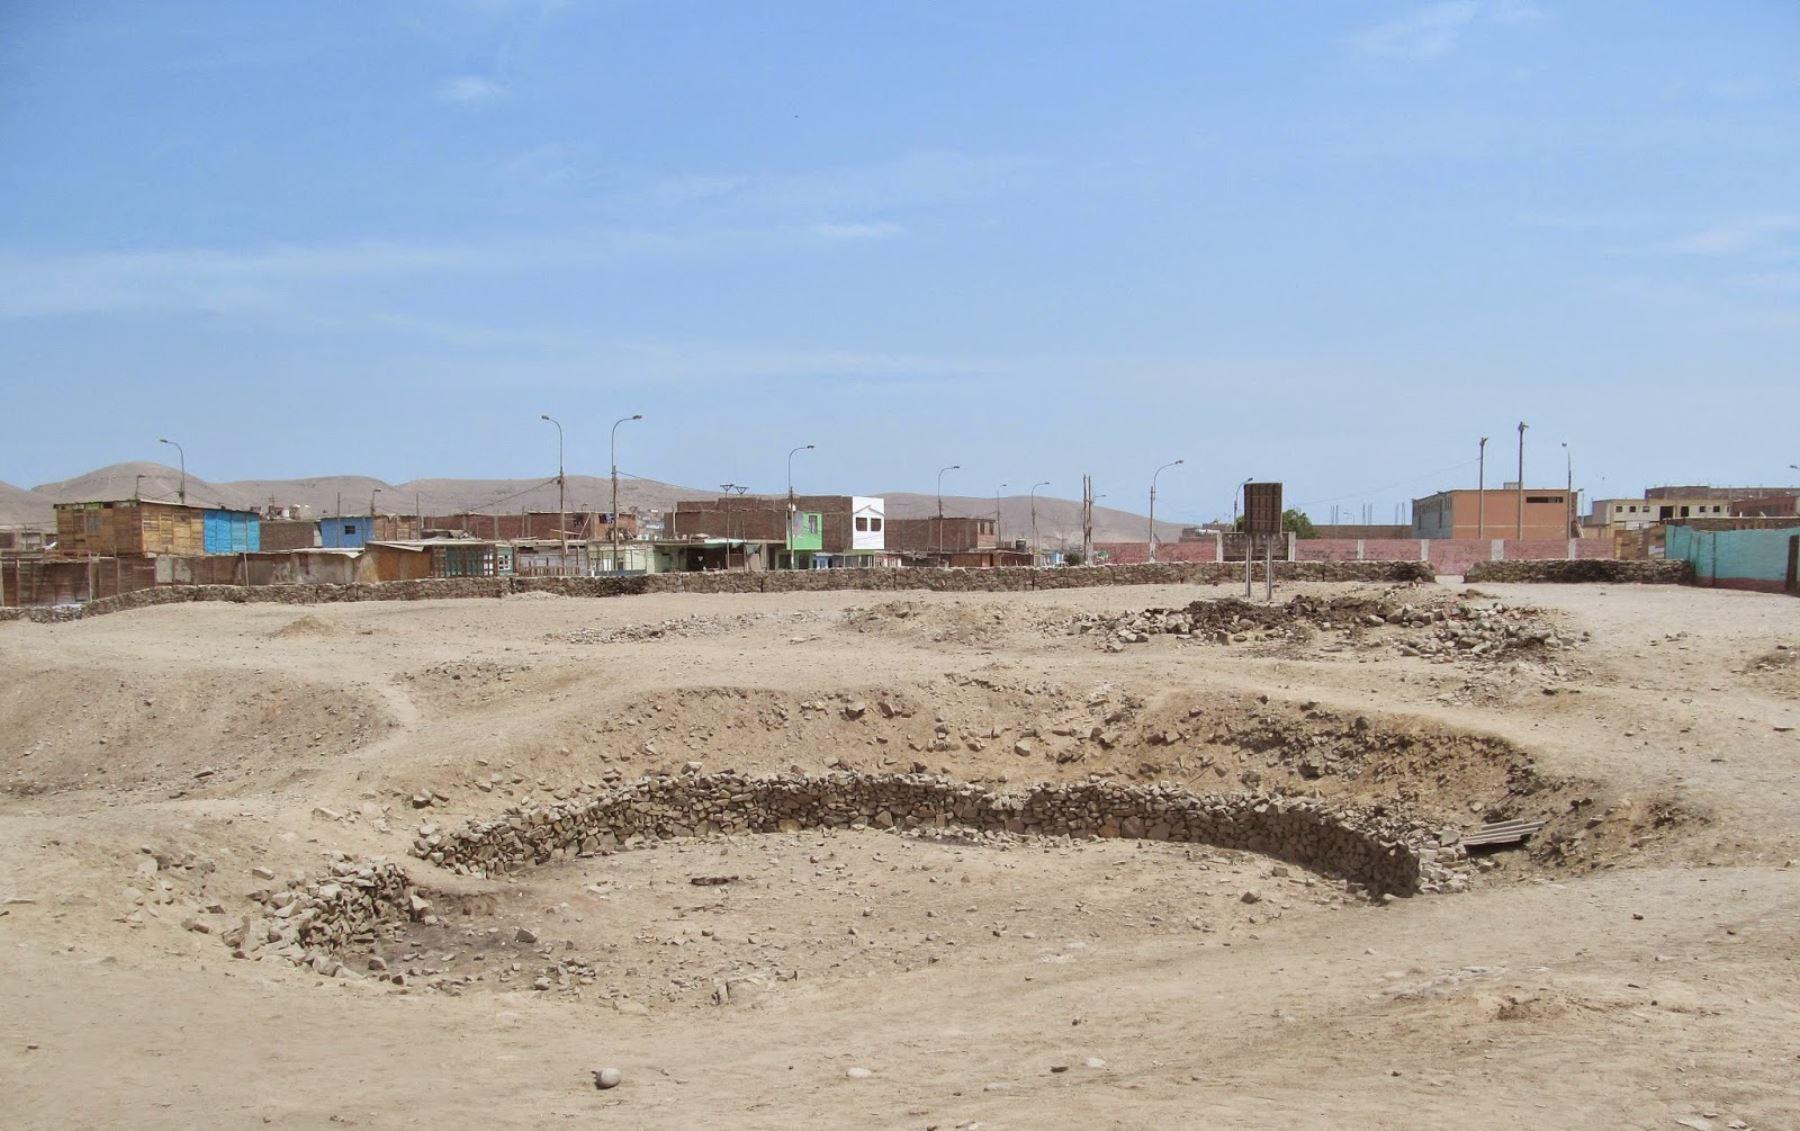 Sitio arqueológico prehispánico Pampa de los Perros, ubicado en el Callao. Foto: Andina/Difusión